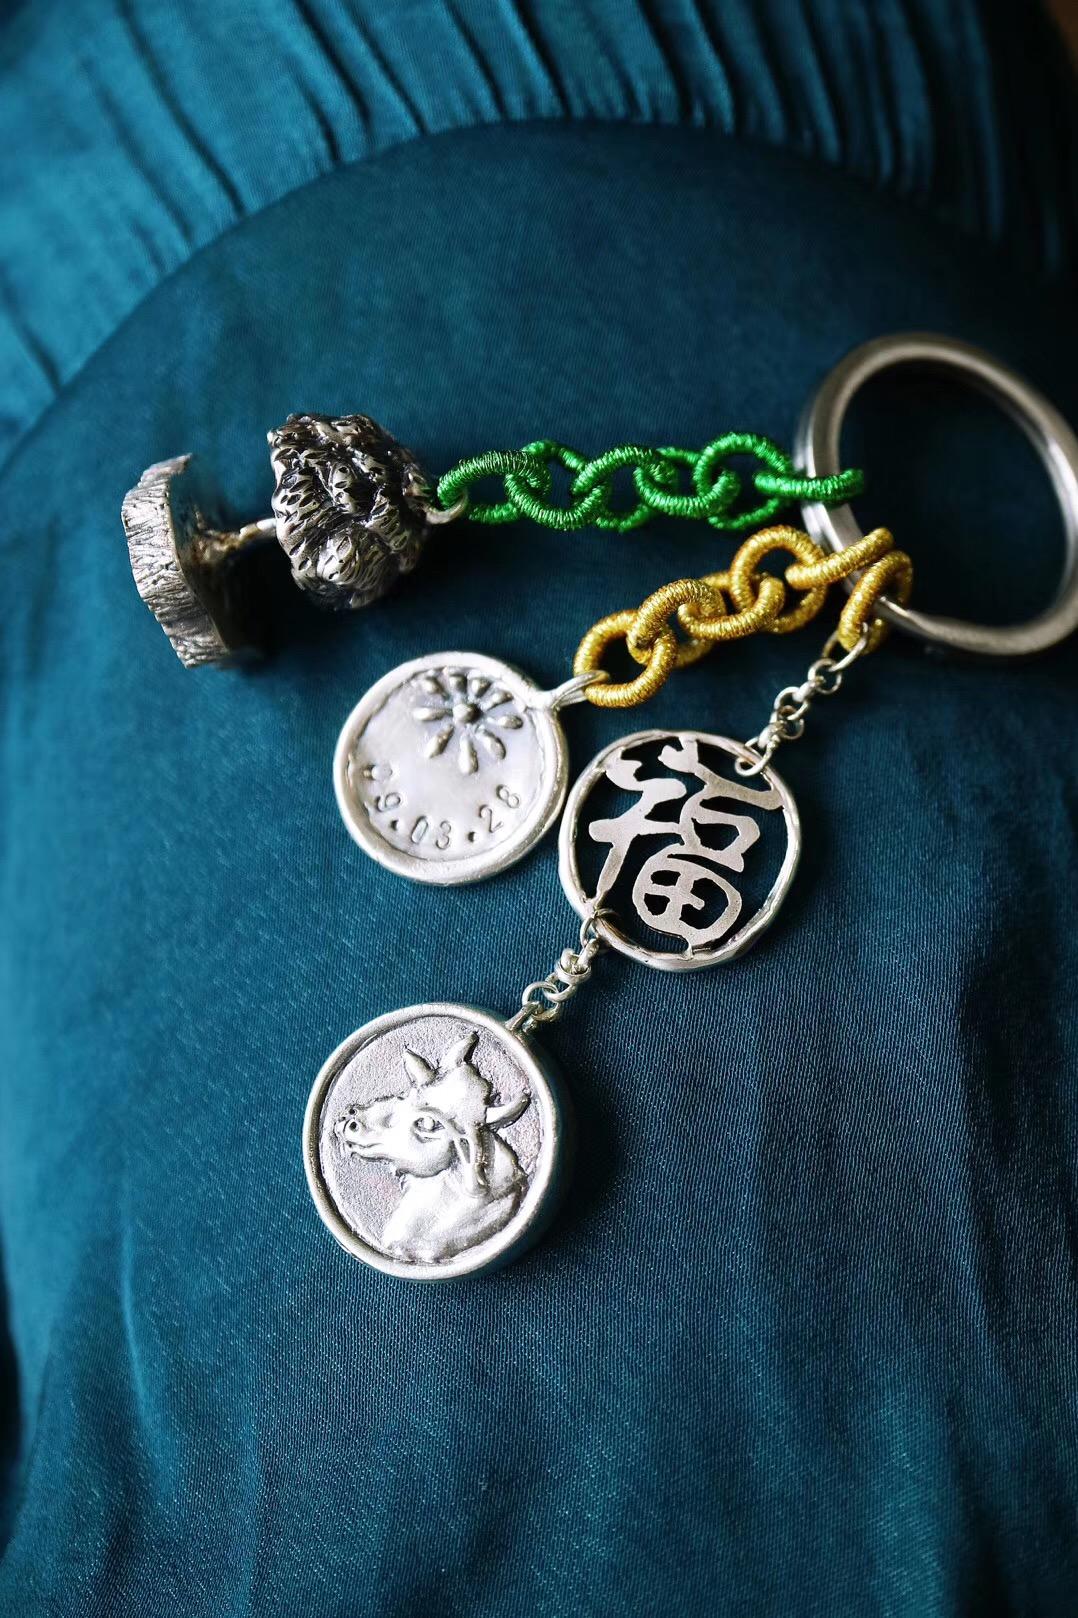 【菩心-钥匙链定制】妈咪们的新宠,生命之树印章-菩心晶舍